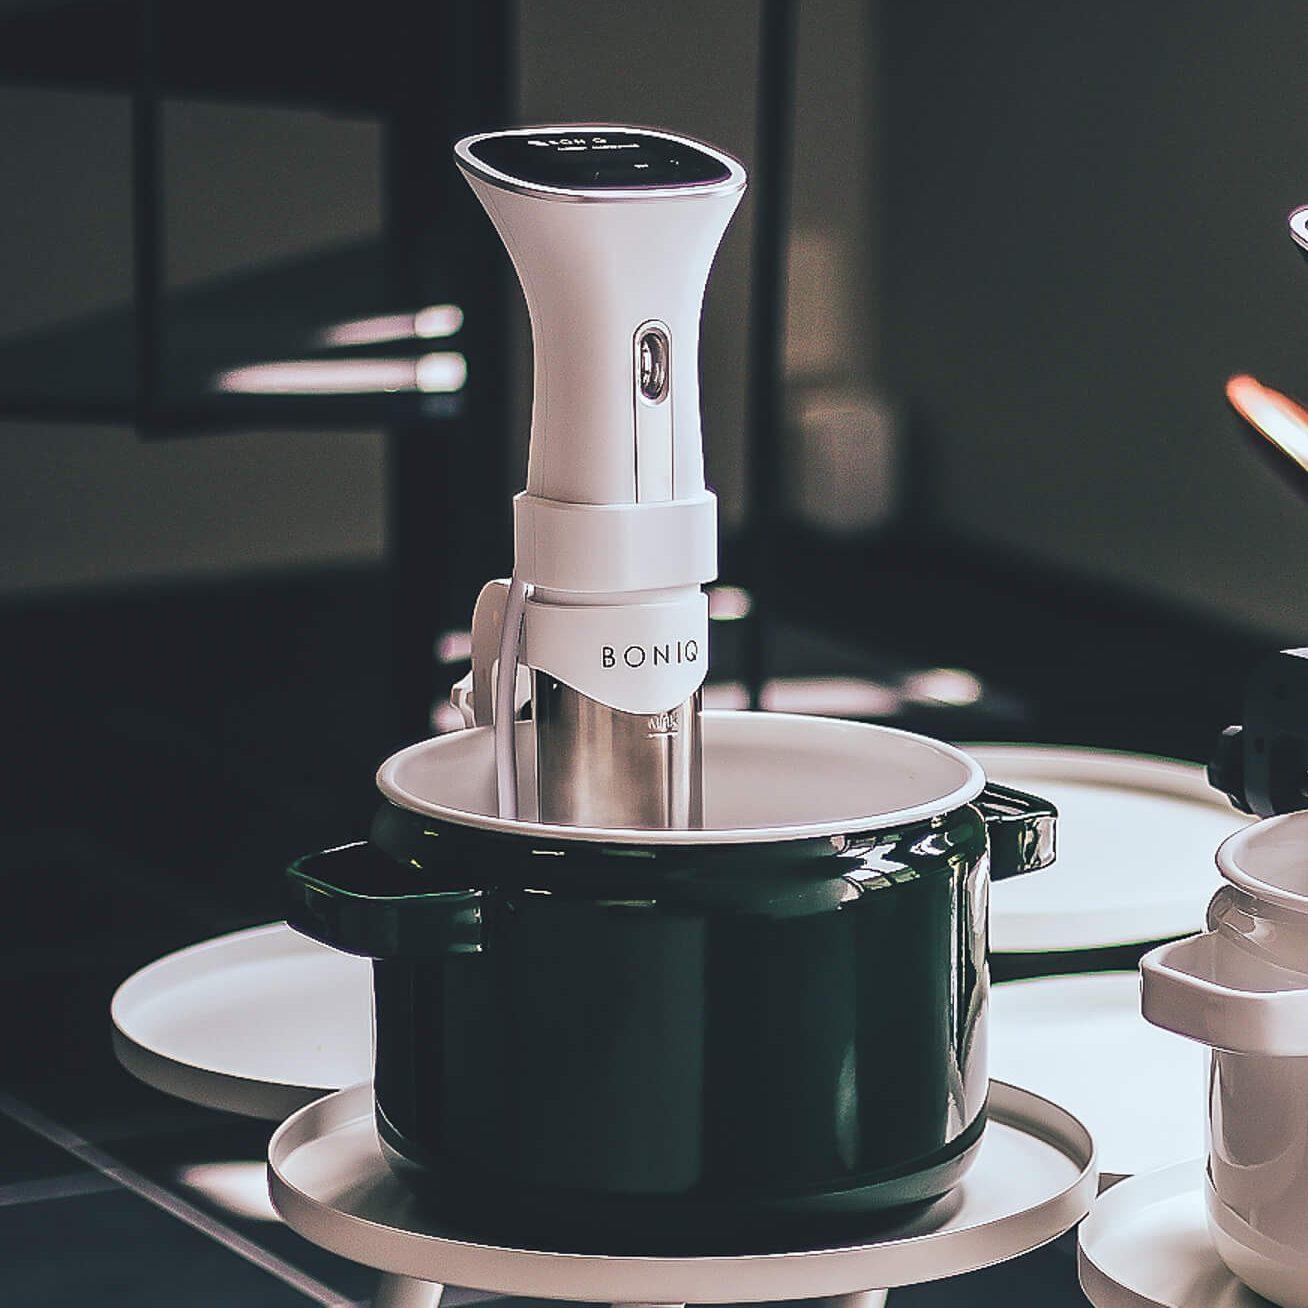 葉山社中 真空低温調理器「BONIQ」(シルキーホワイト)